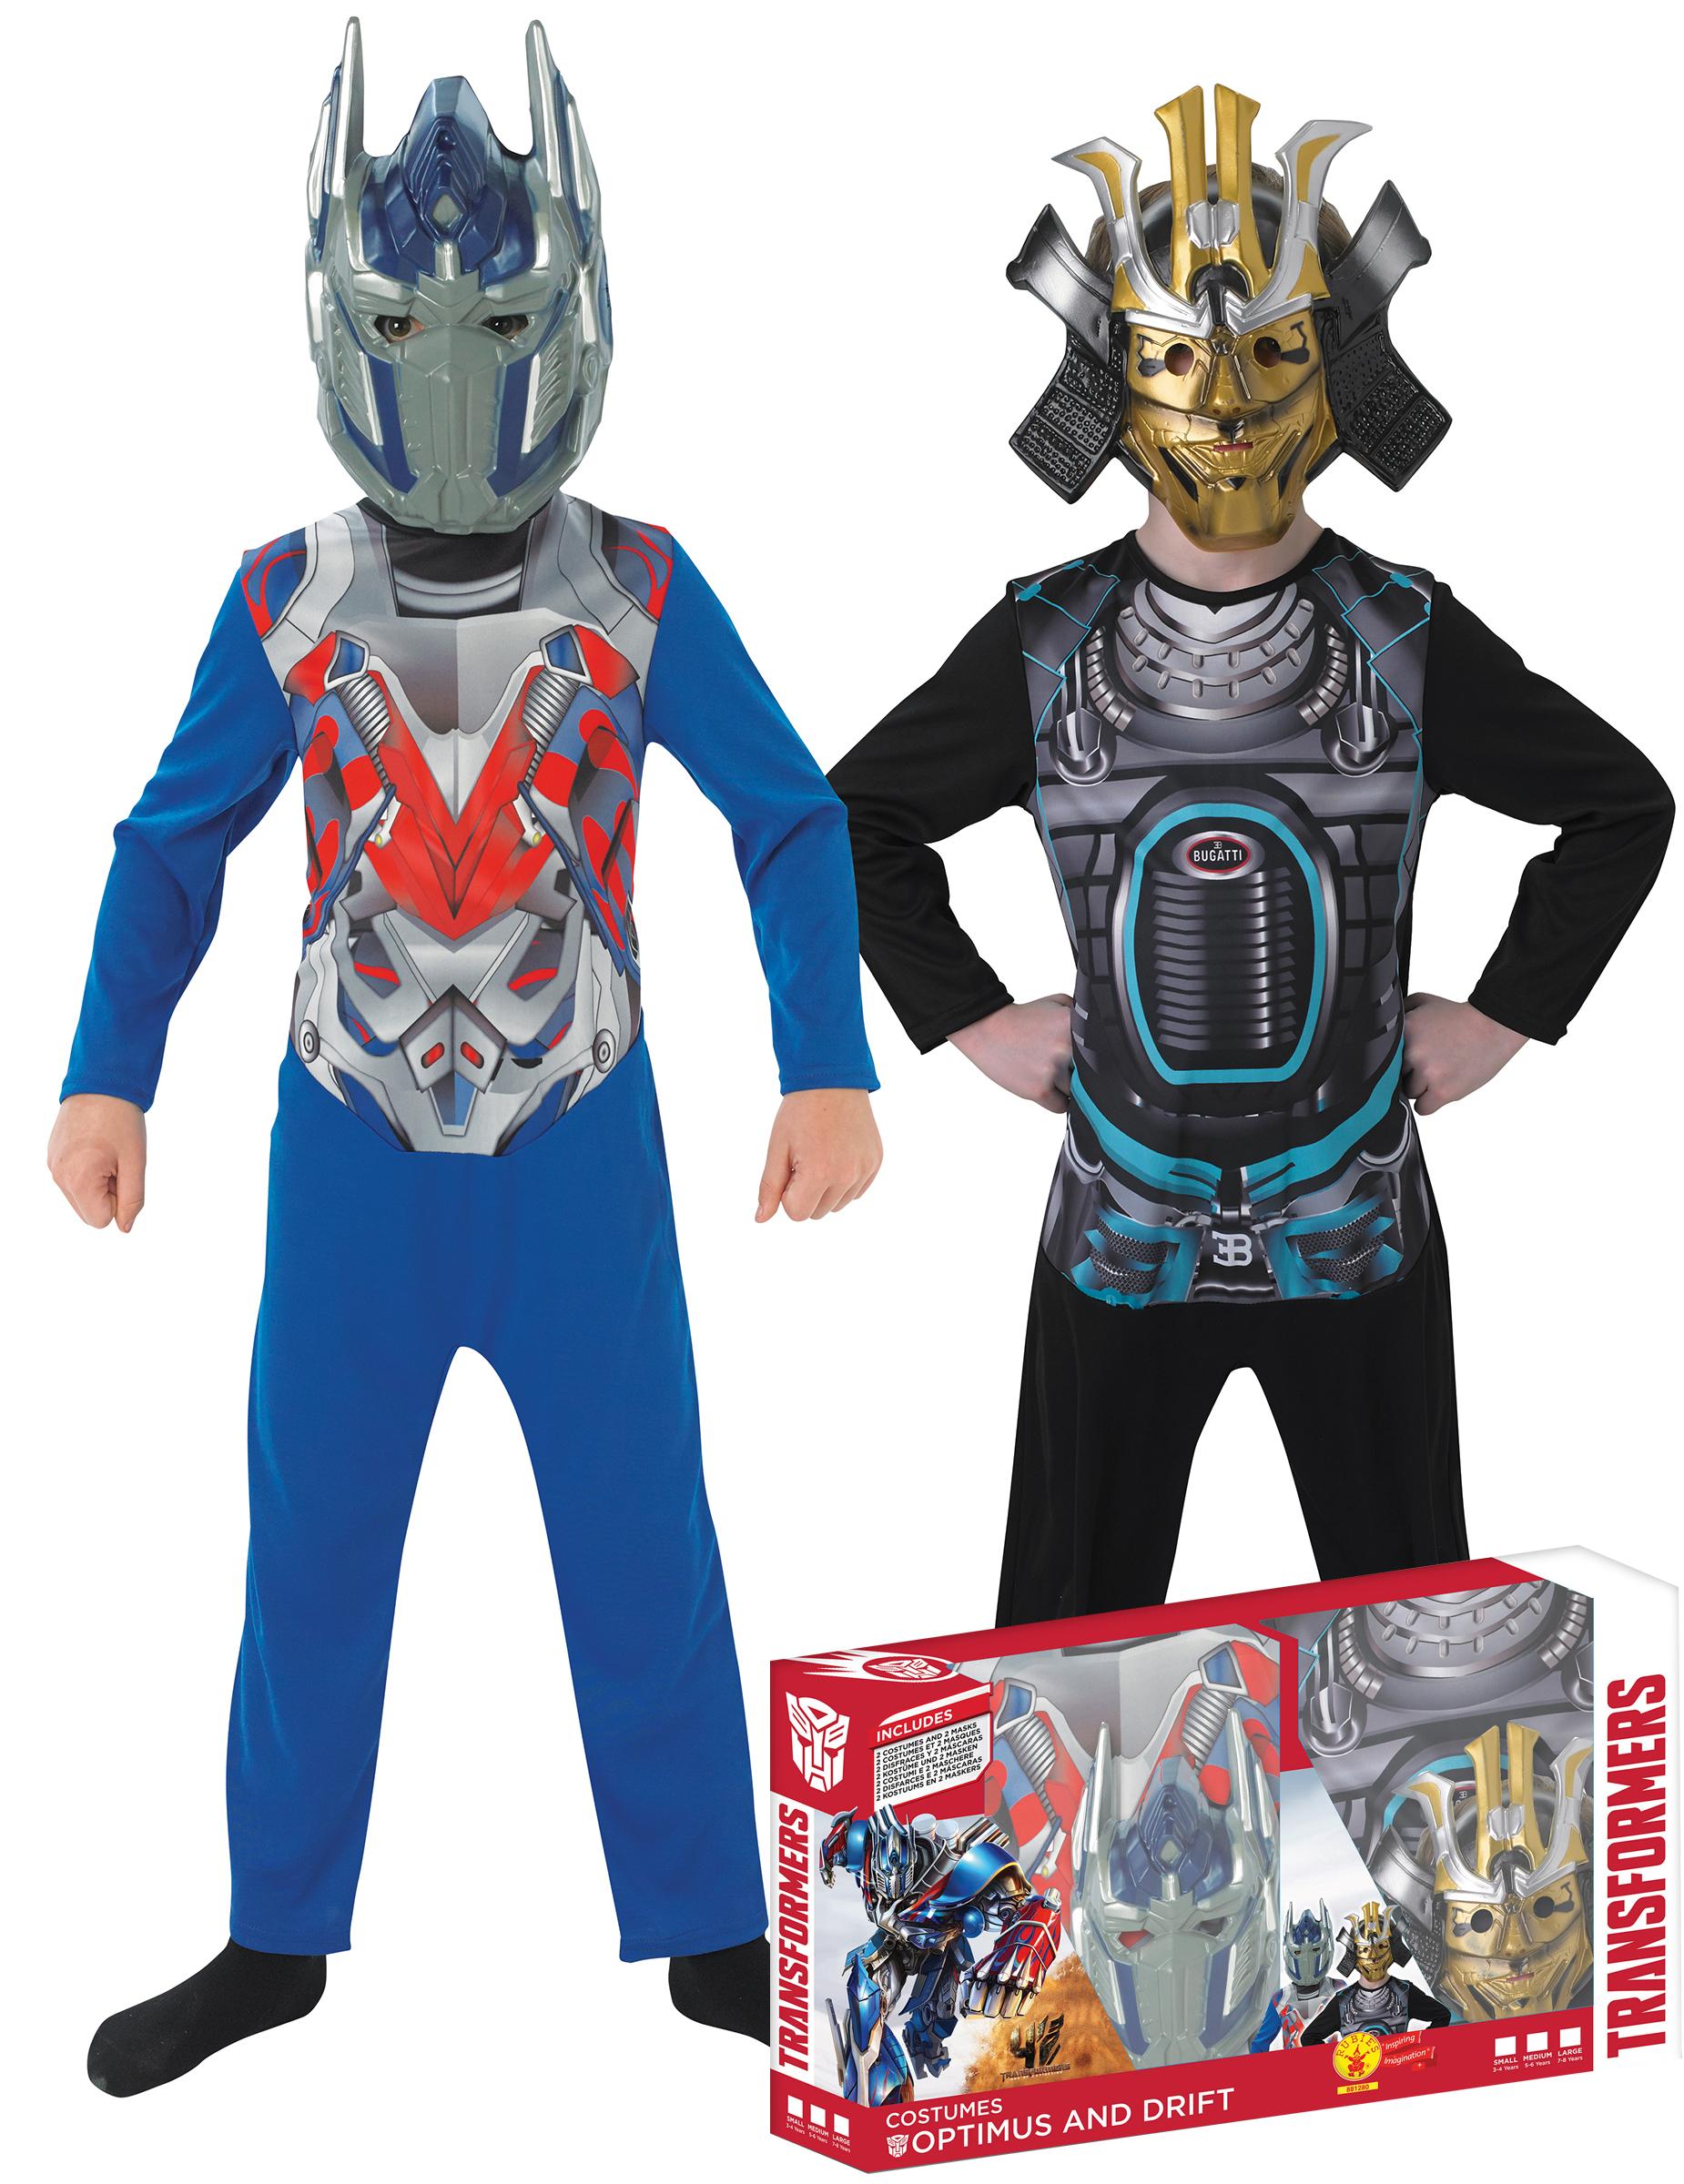 Klassische Kinder Kostüme Transformers Optimus Prime Und Drift In Geschenkpackung